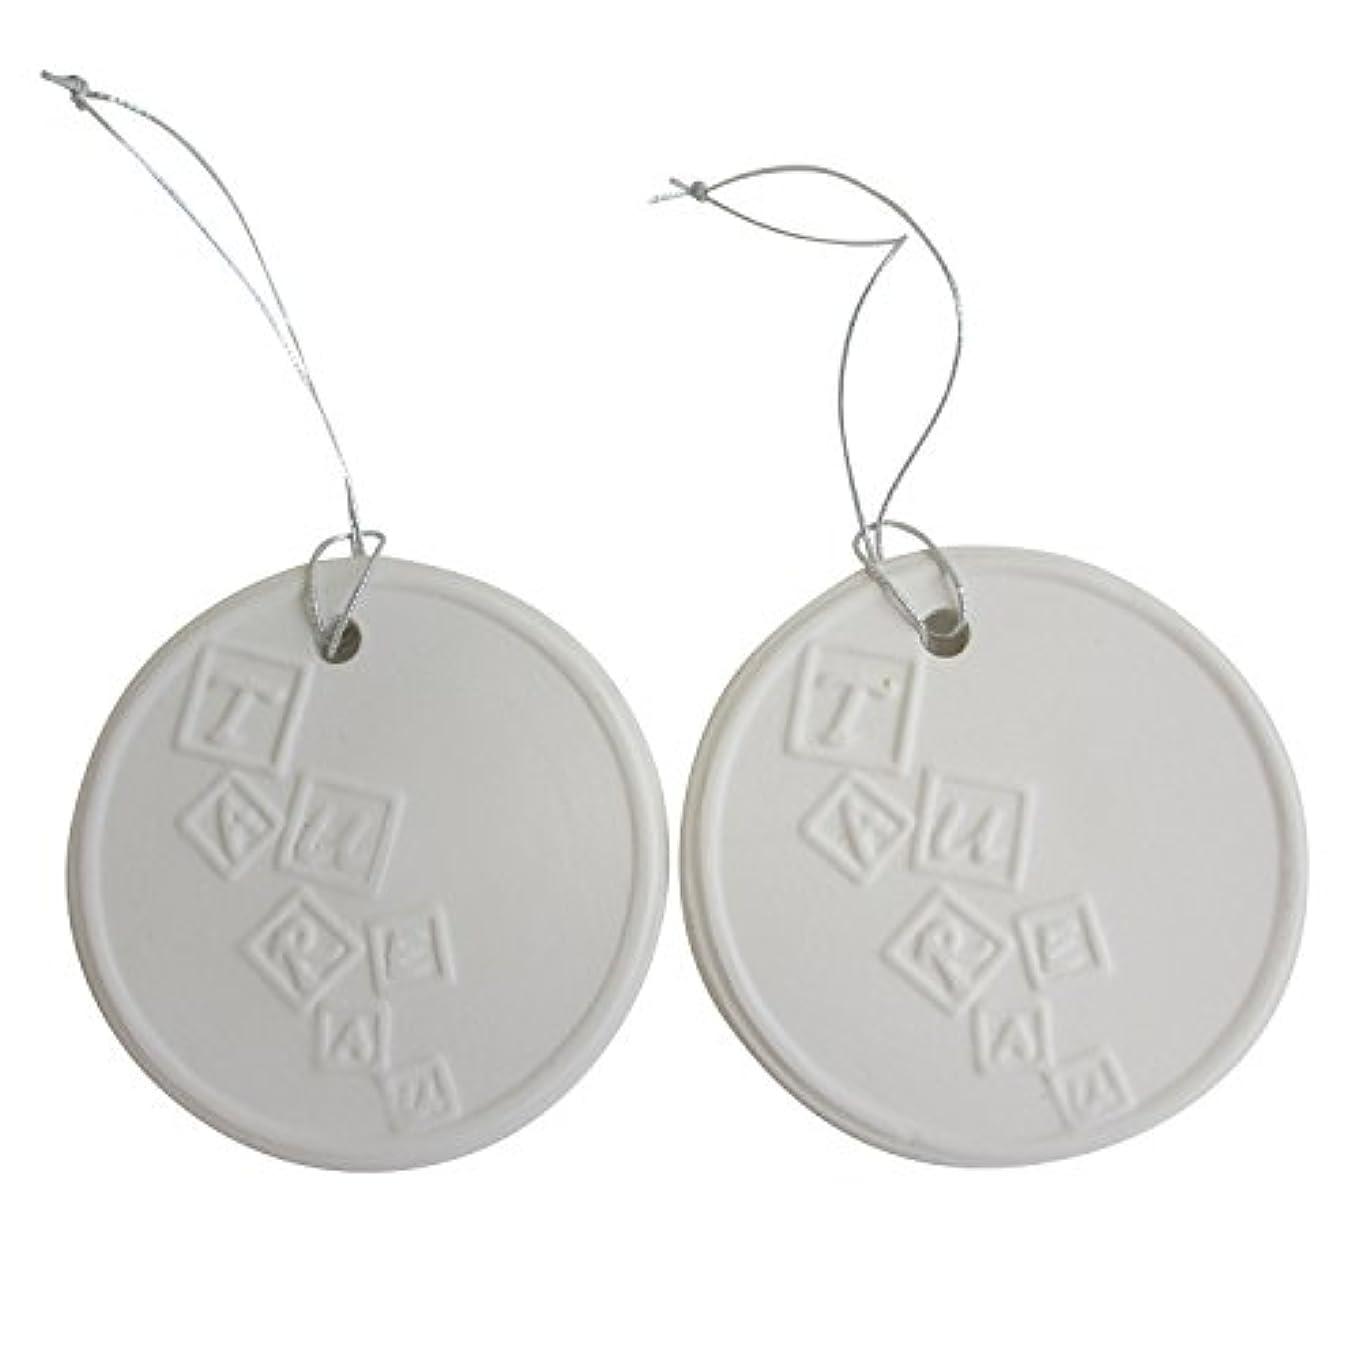 タイマー優雅なまたはアロマストーン ホワイトコイン 2セット(ロゴ2) アクセサリー 小物 キーホルダー アロマディフューザー ペンダント 陶器製